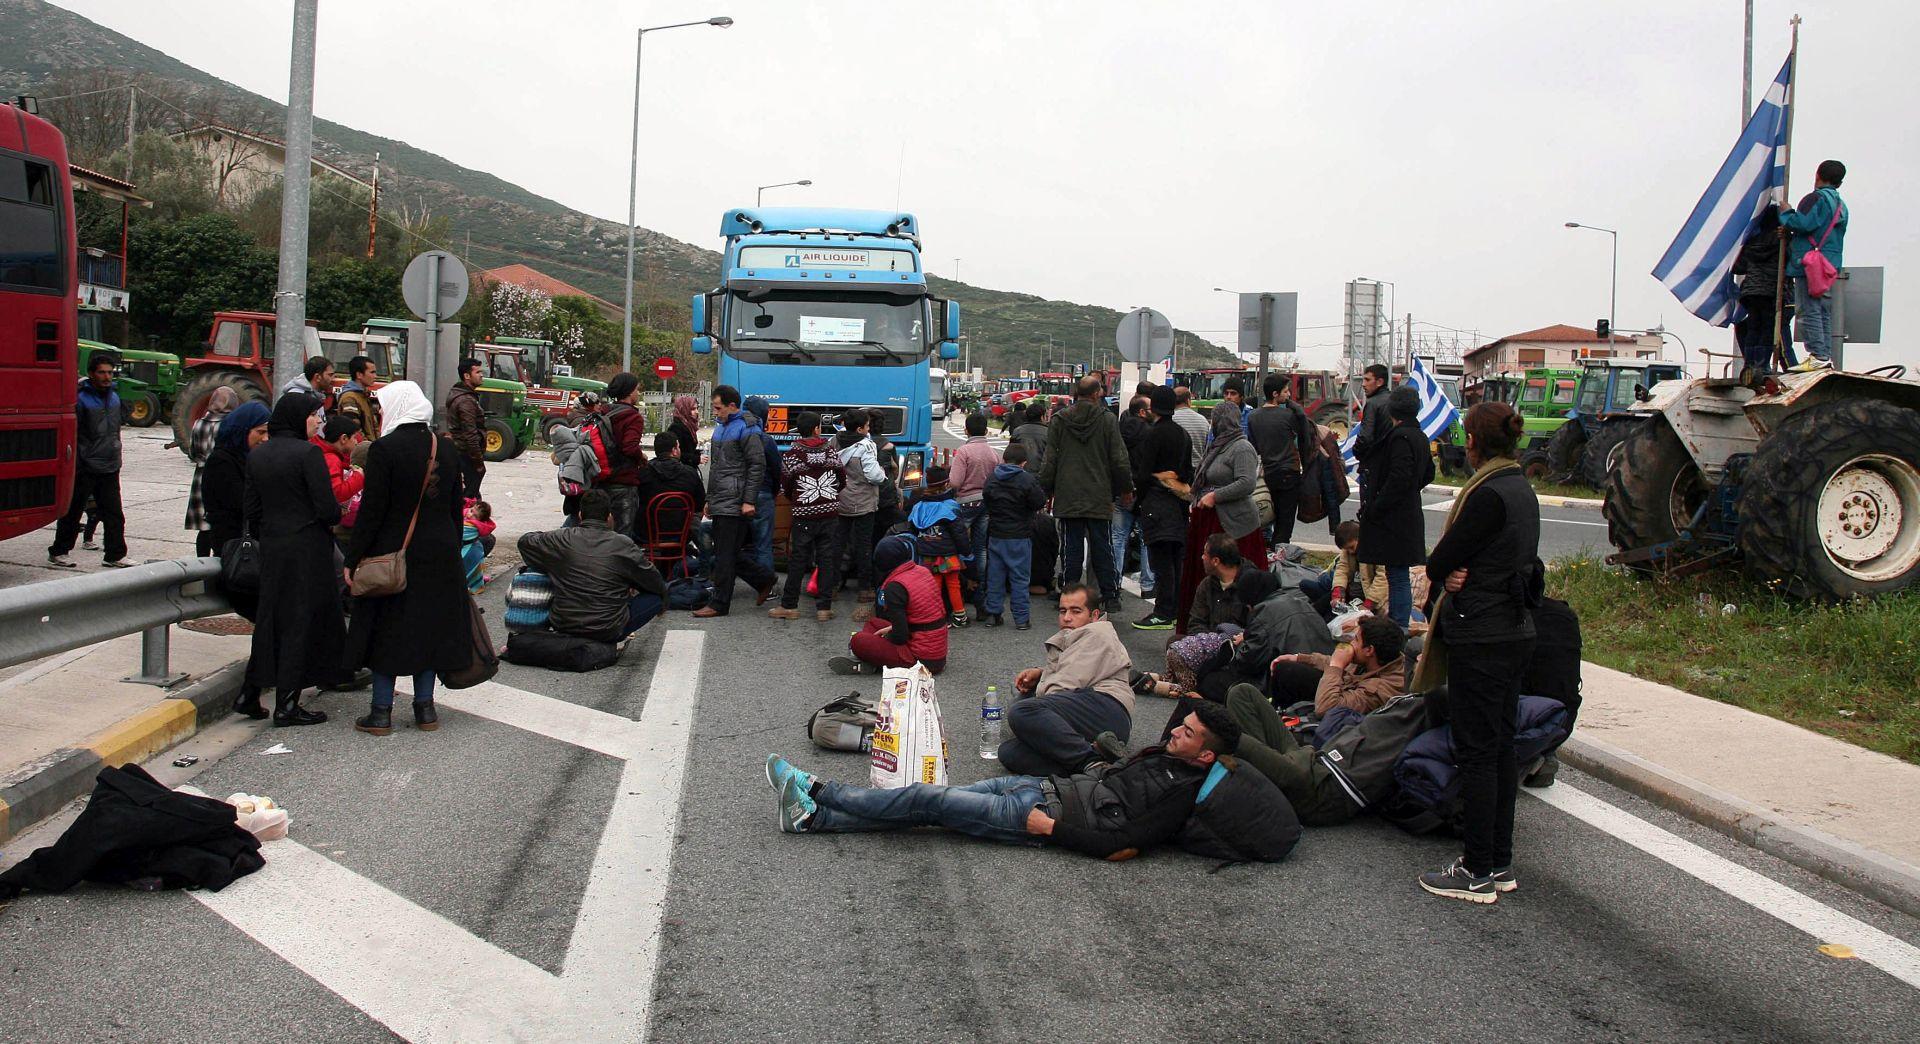 TRAŽE SLOBODAN PROLAZ: Migranti blokirali autocestu u Grčkoj